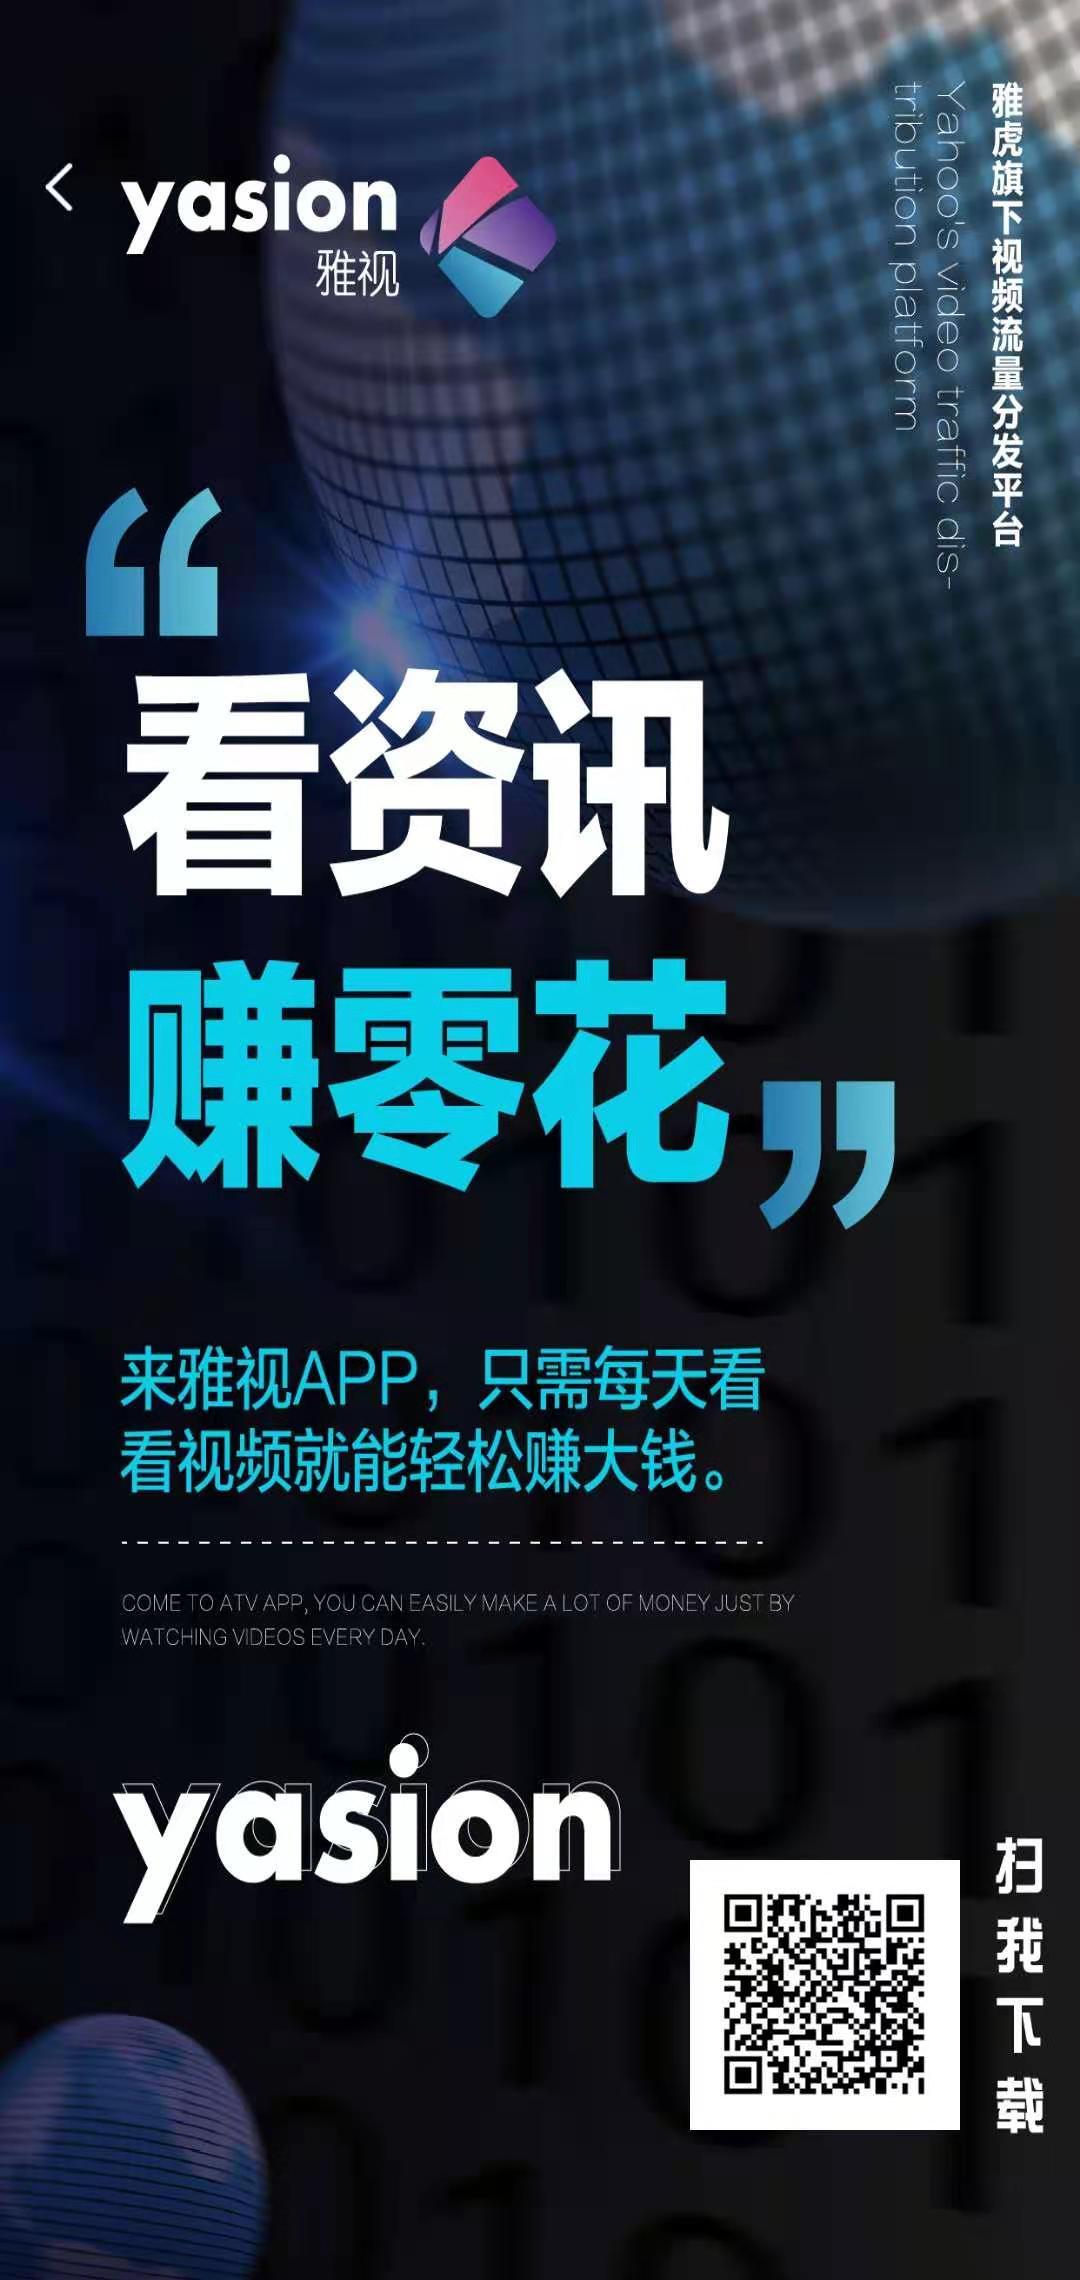 【更新】雅视Yasion_广告任务挖矿模式,注册认证,签到看视频获取收益